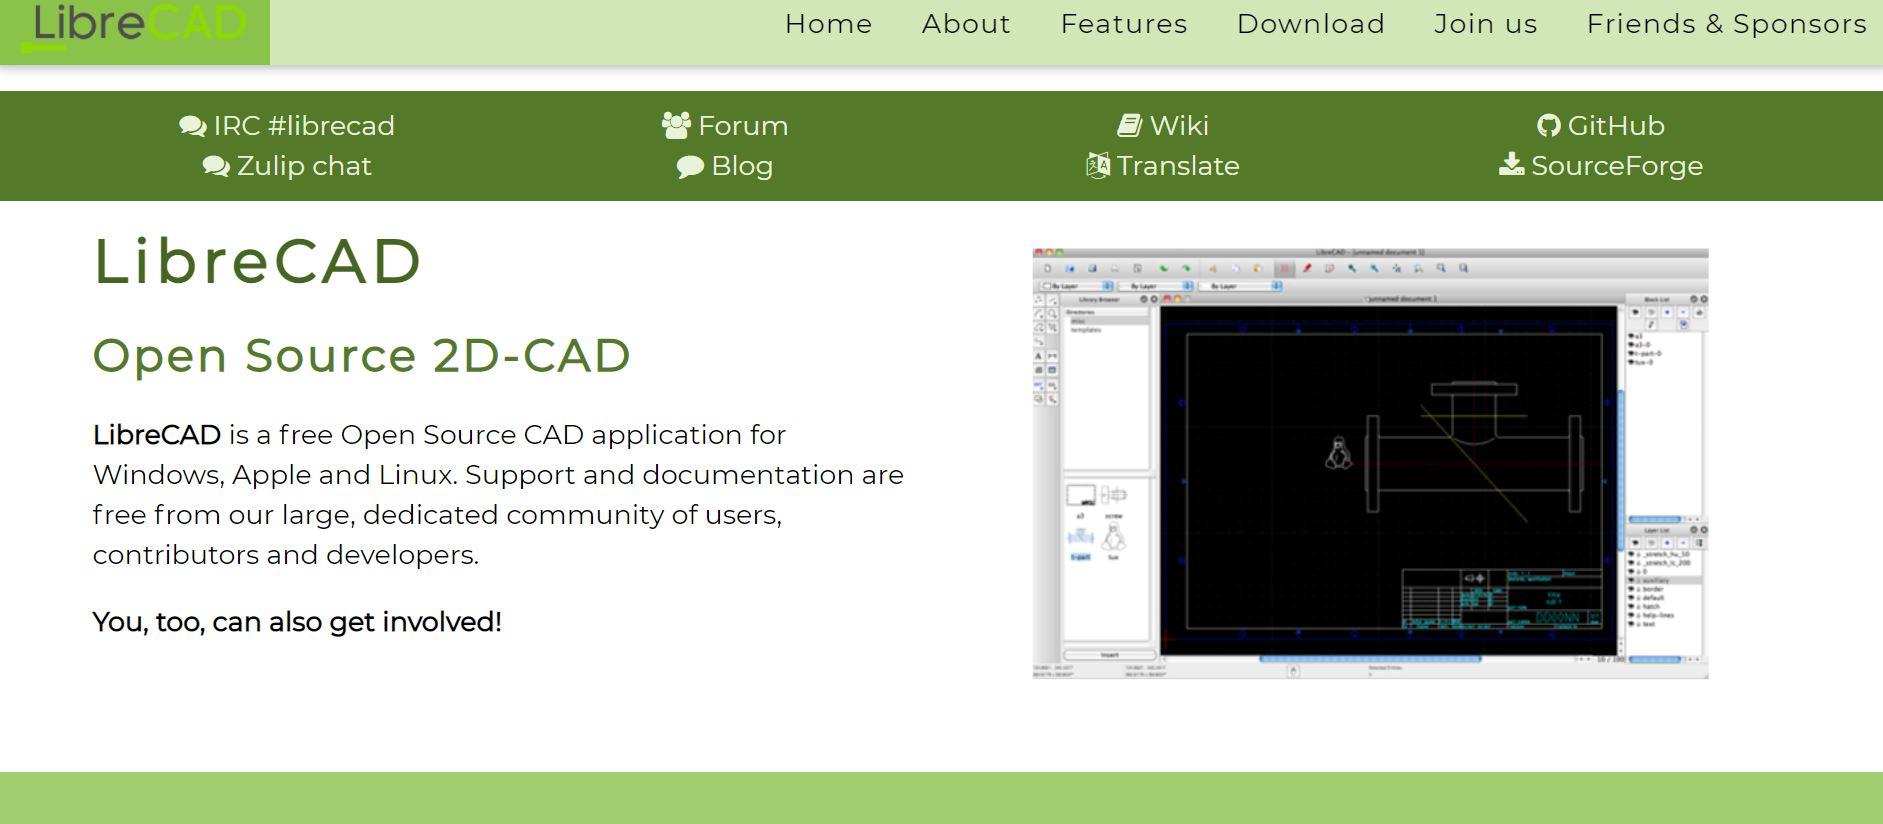 LibreCAD software